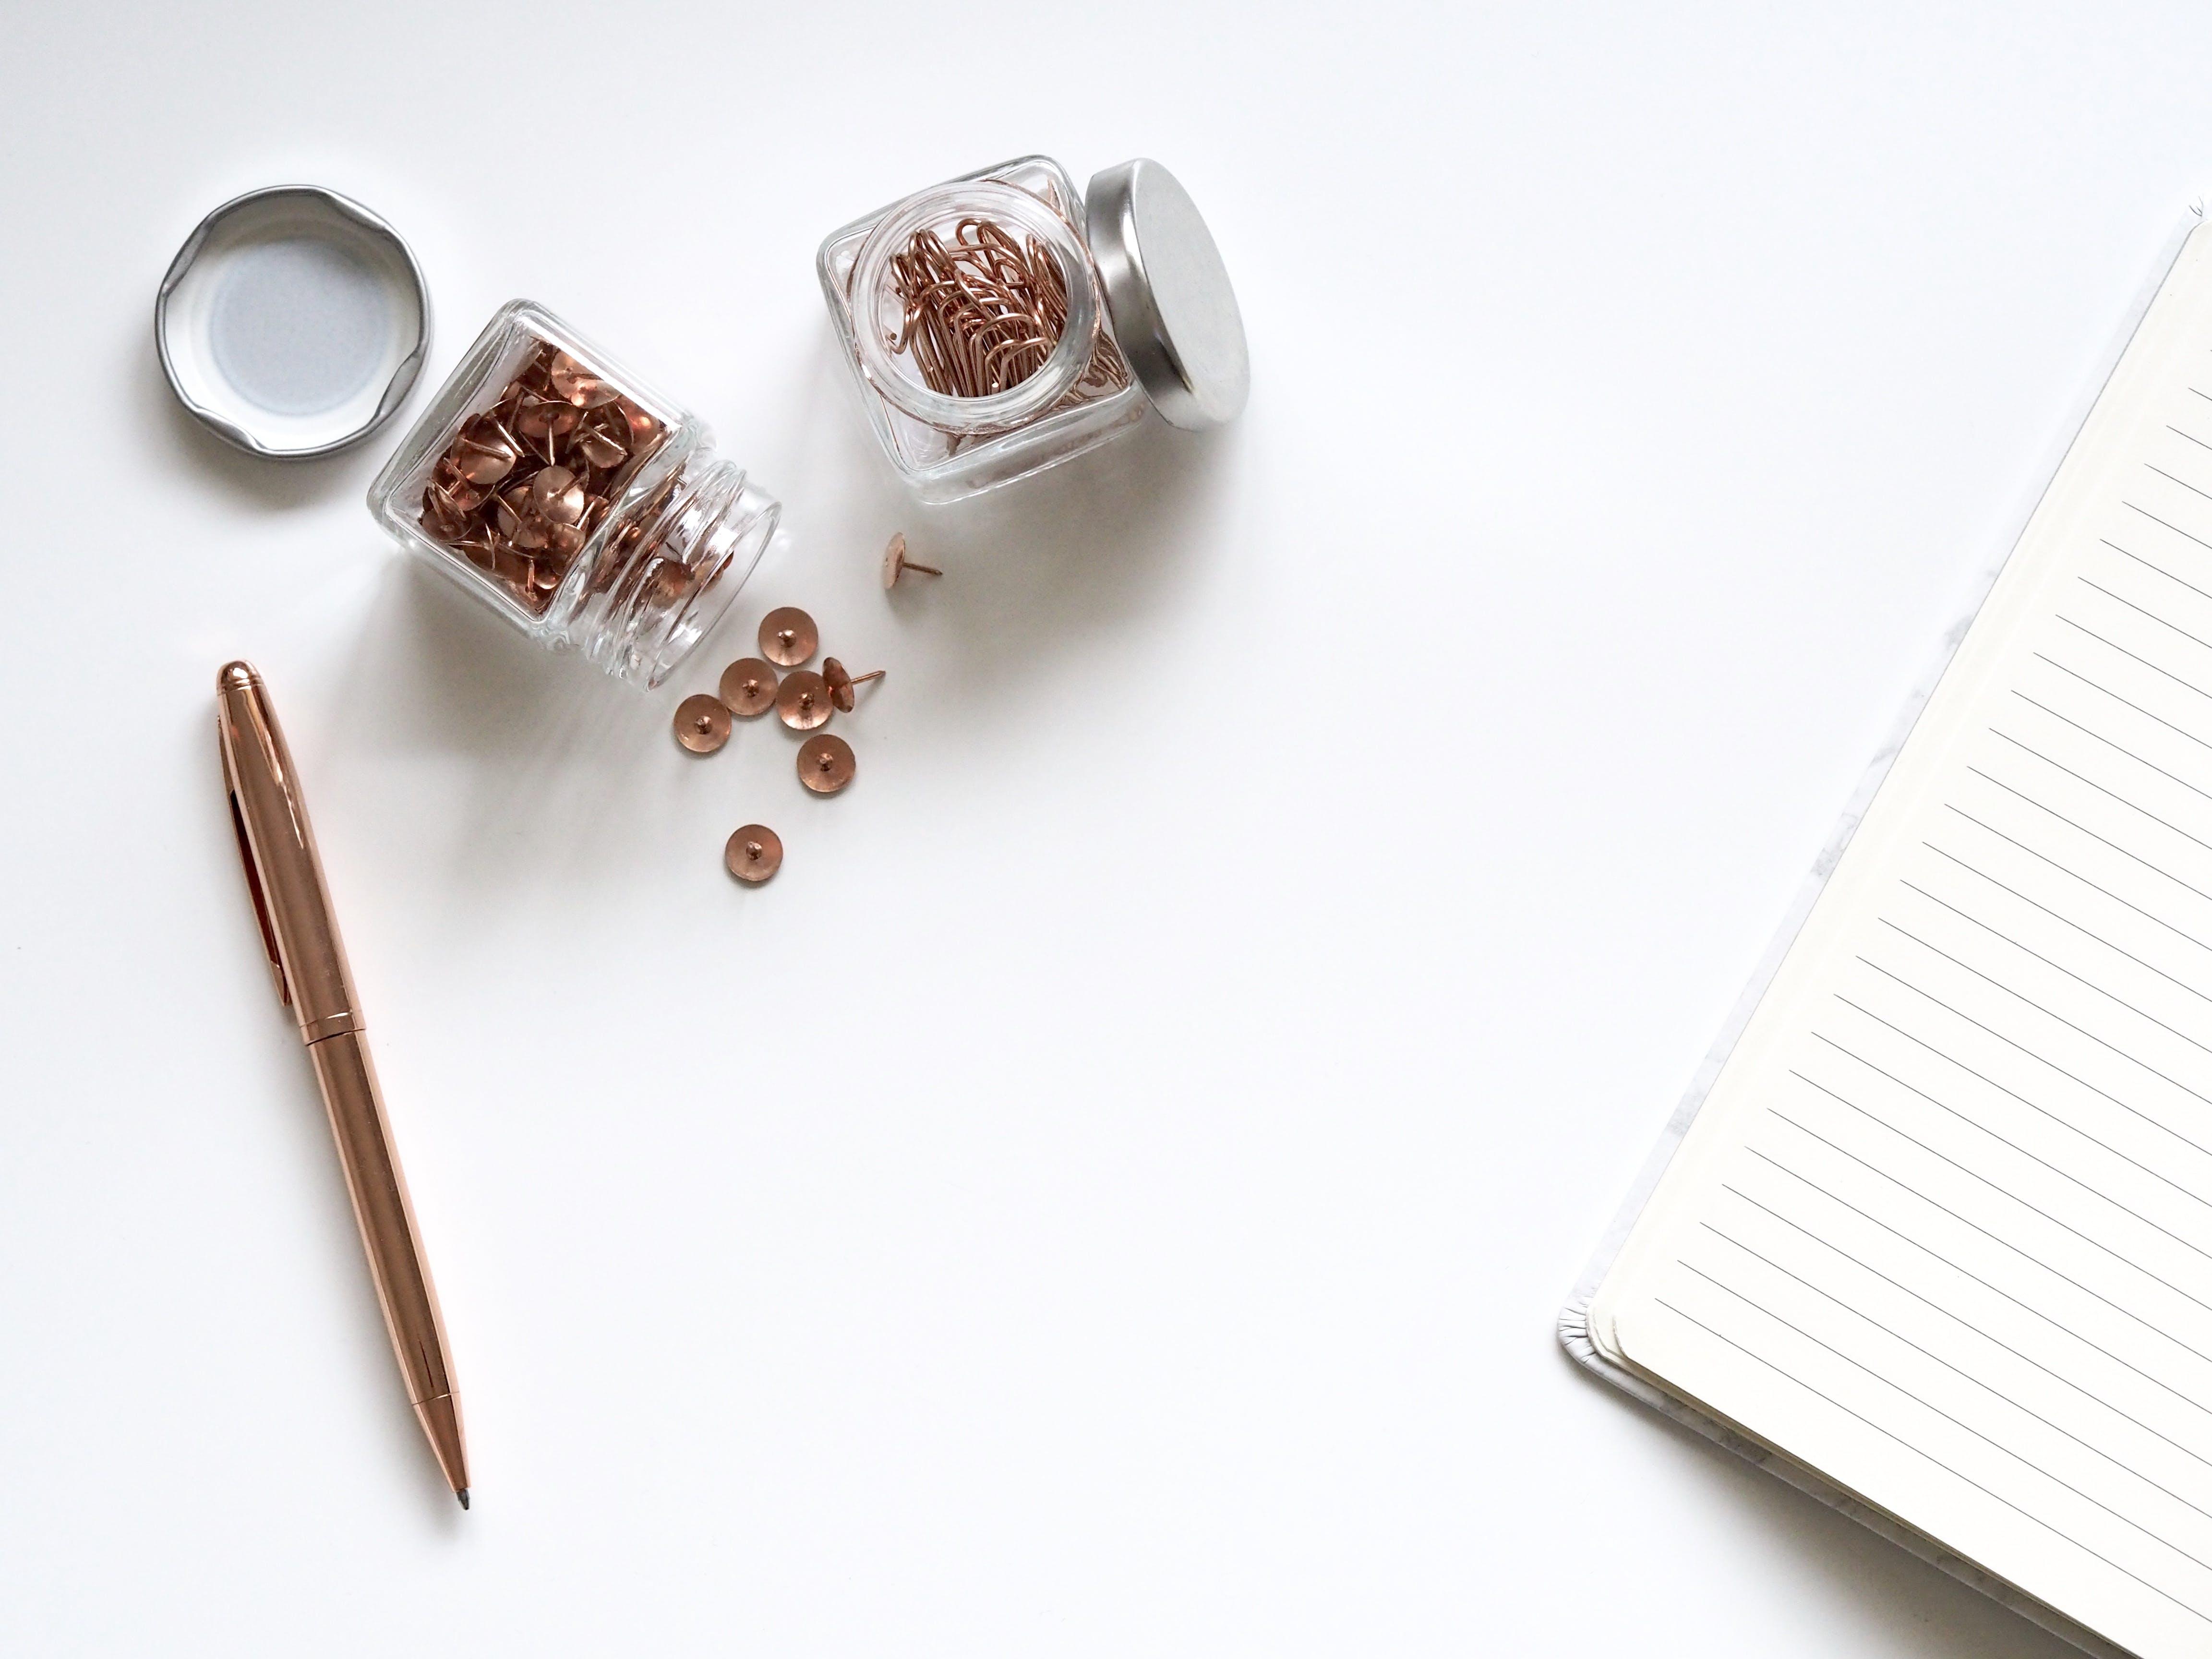 Kostenloses Stock Foto zu schreibtisch, notizbuch, stift, büroklammern